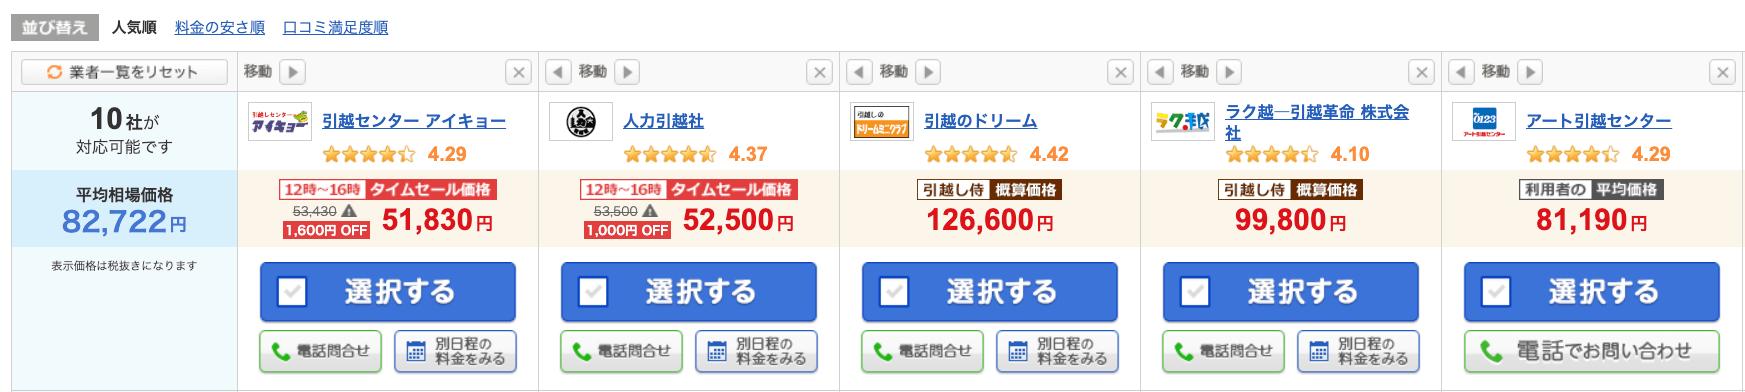 引っ越し侍の公式ページ(業者選定の画面)